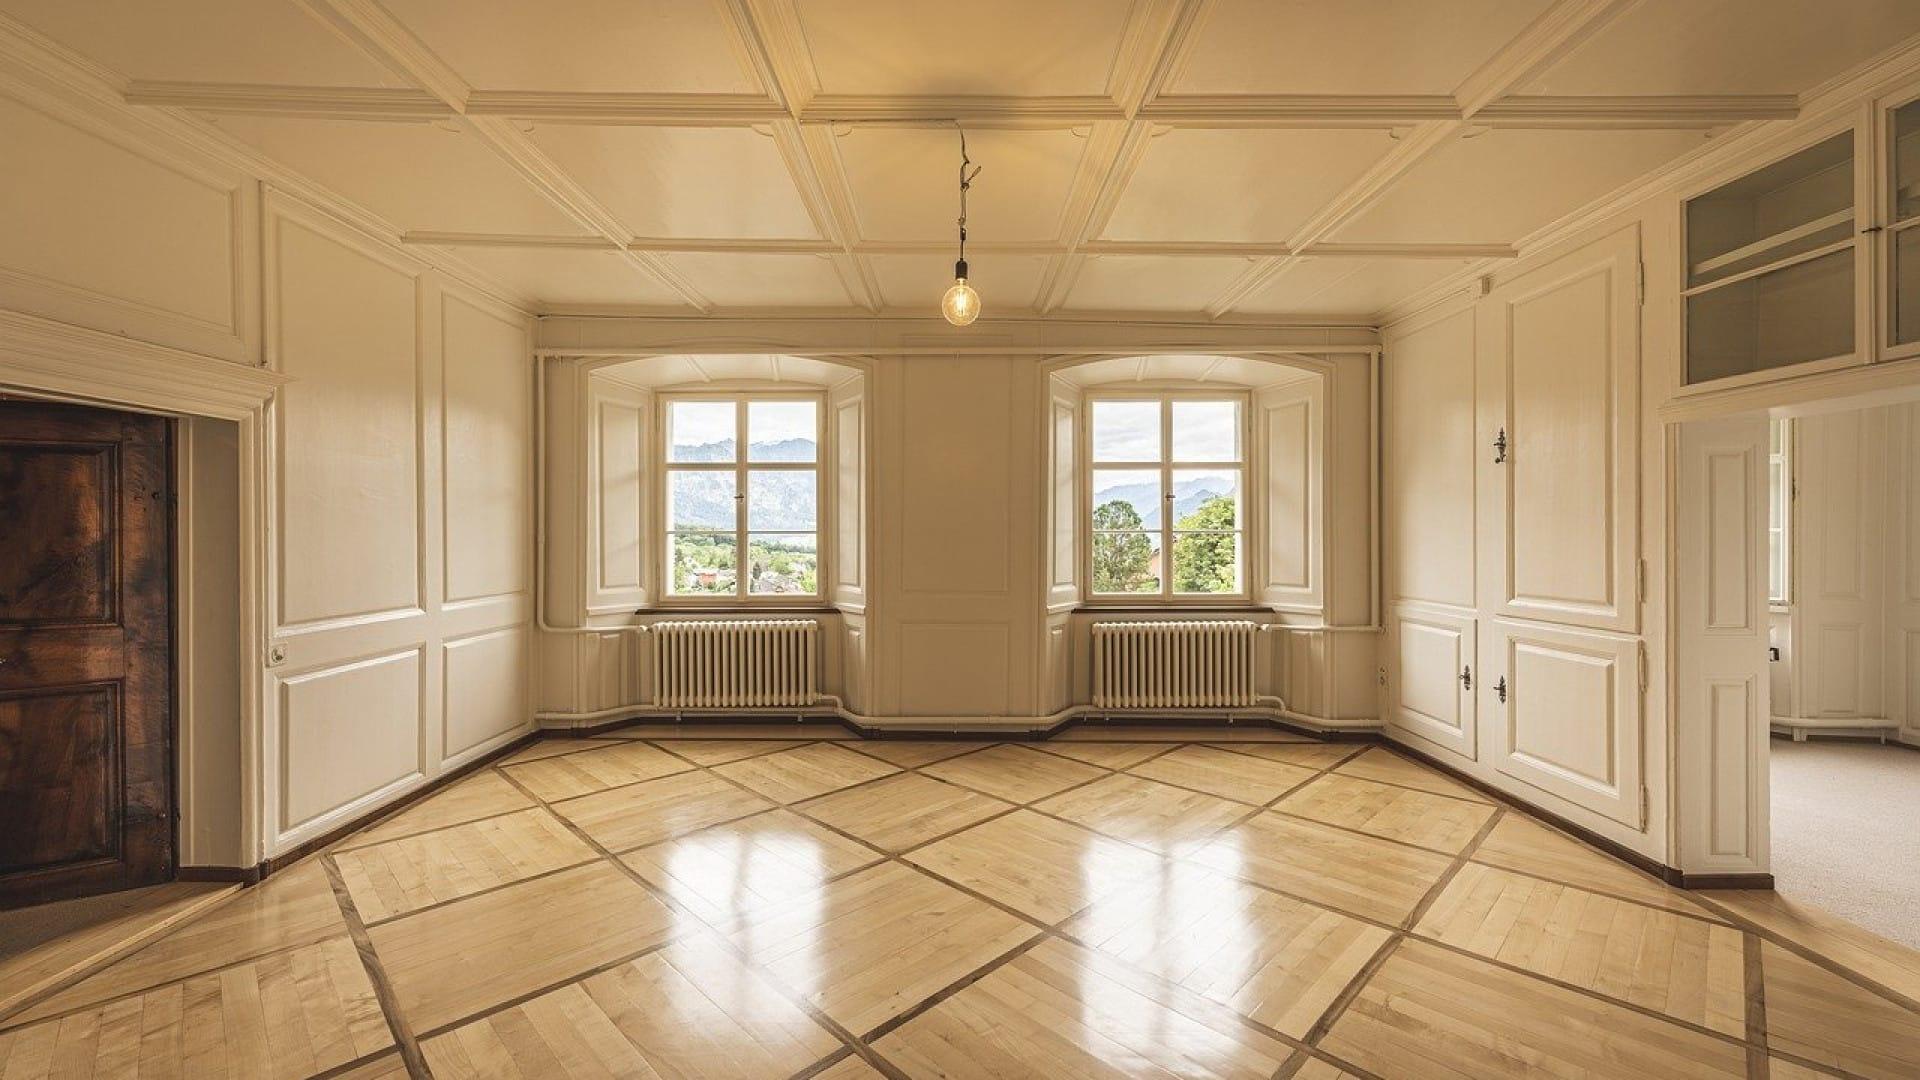 Vivre à Tours : et si vous investissiez dans un bien immobilier neuf ?